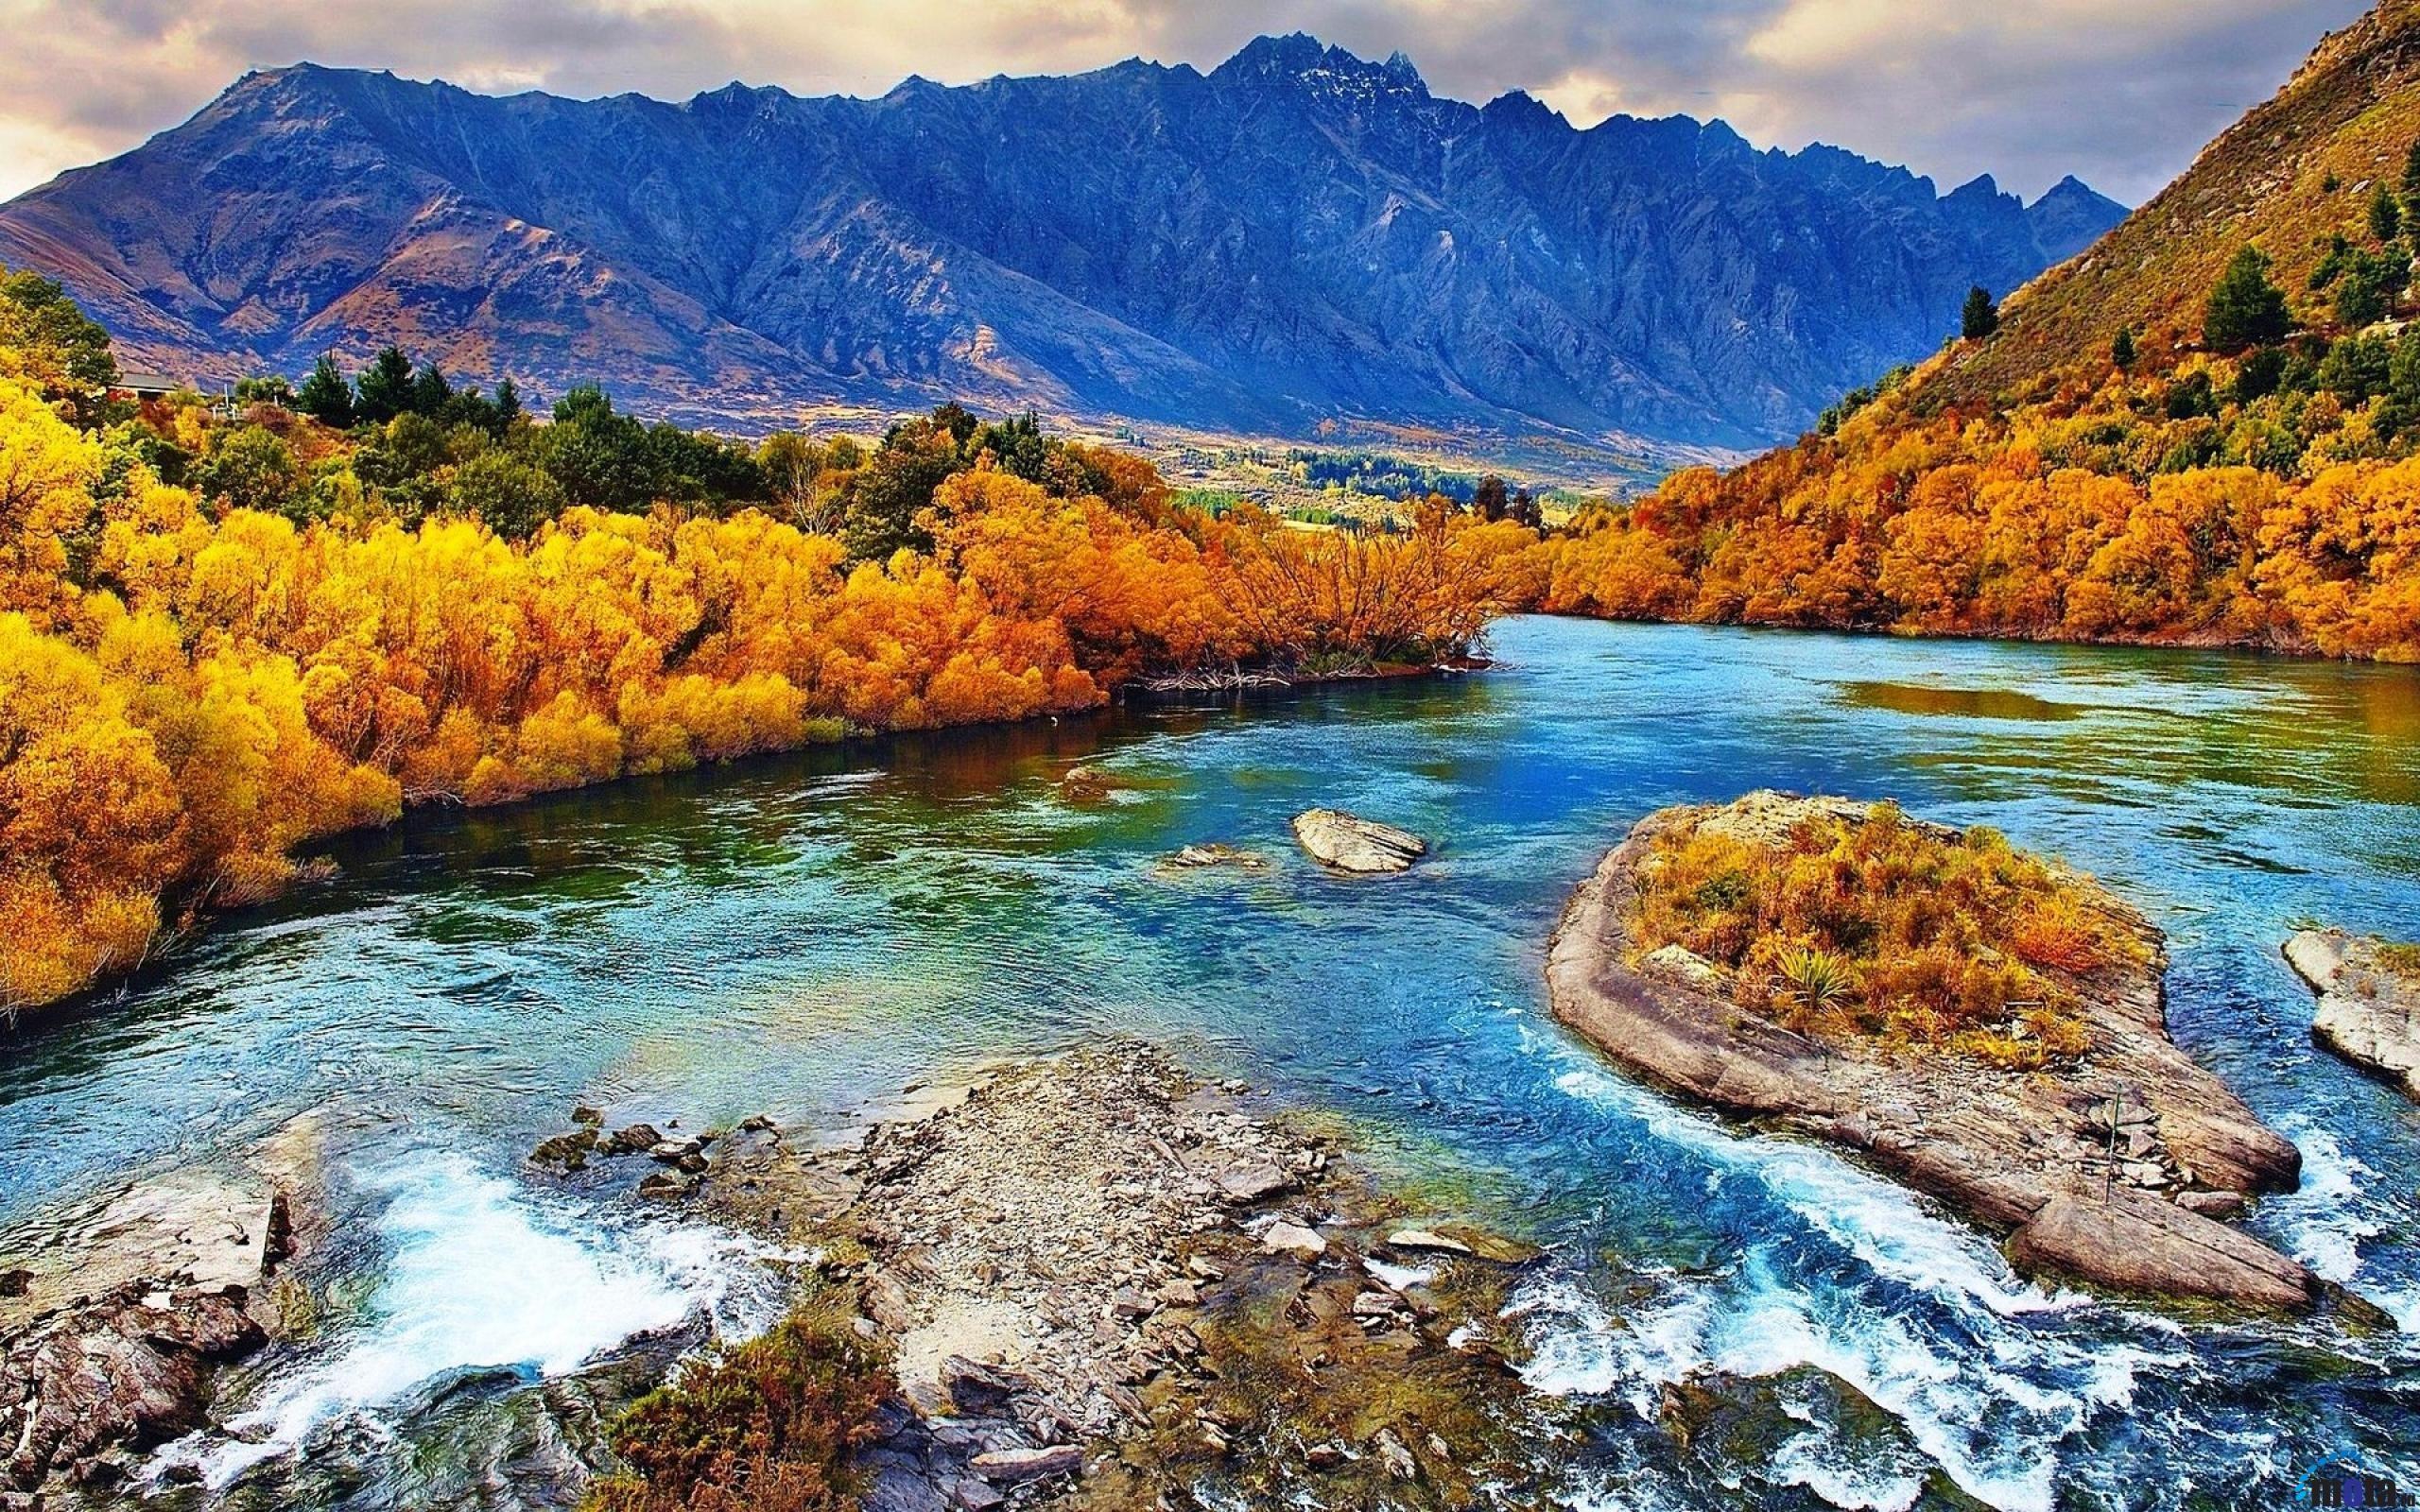 обои на рабочий стол осень река горы